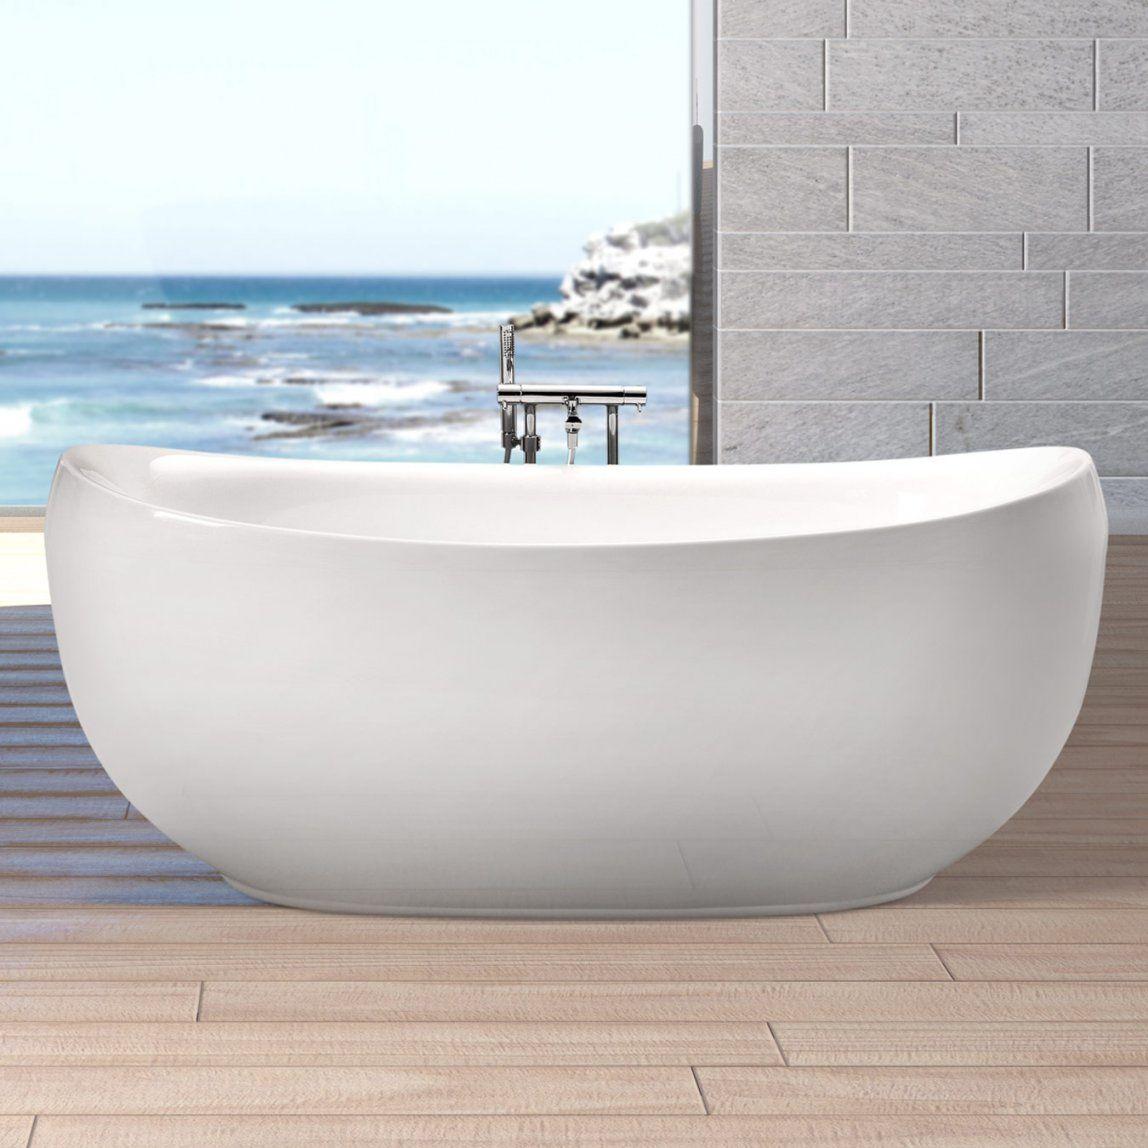 freistehende badewanne mit integrierter armatur haus referenz von badewanne mit integrierter. Black Bedroom Furniture Sets. Home Design Ideas